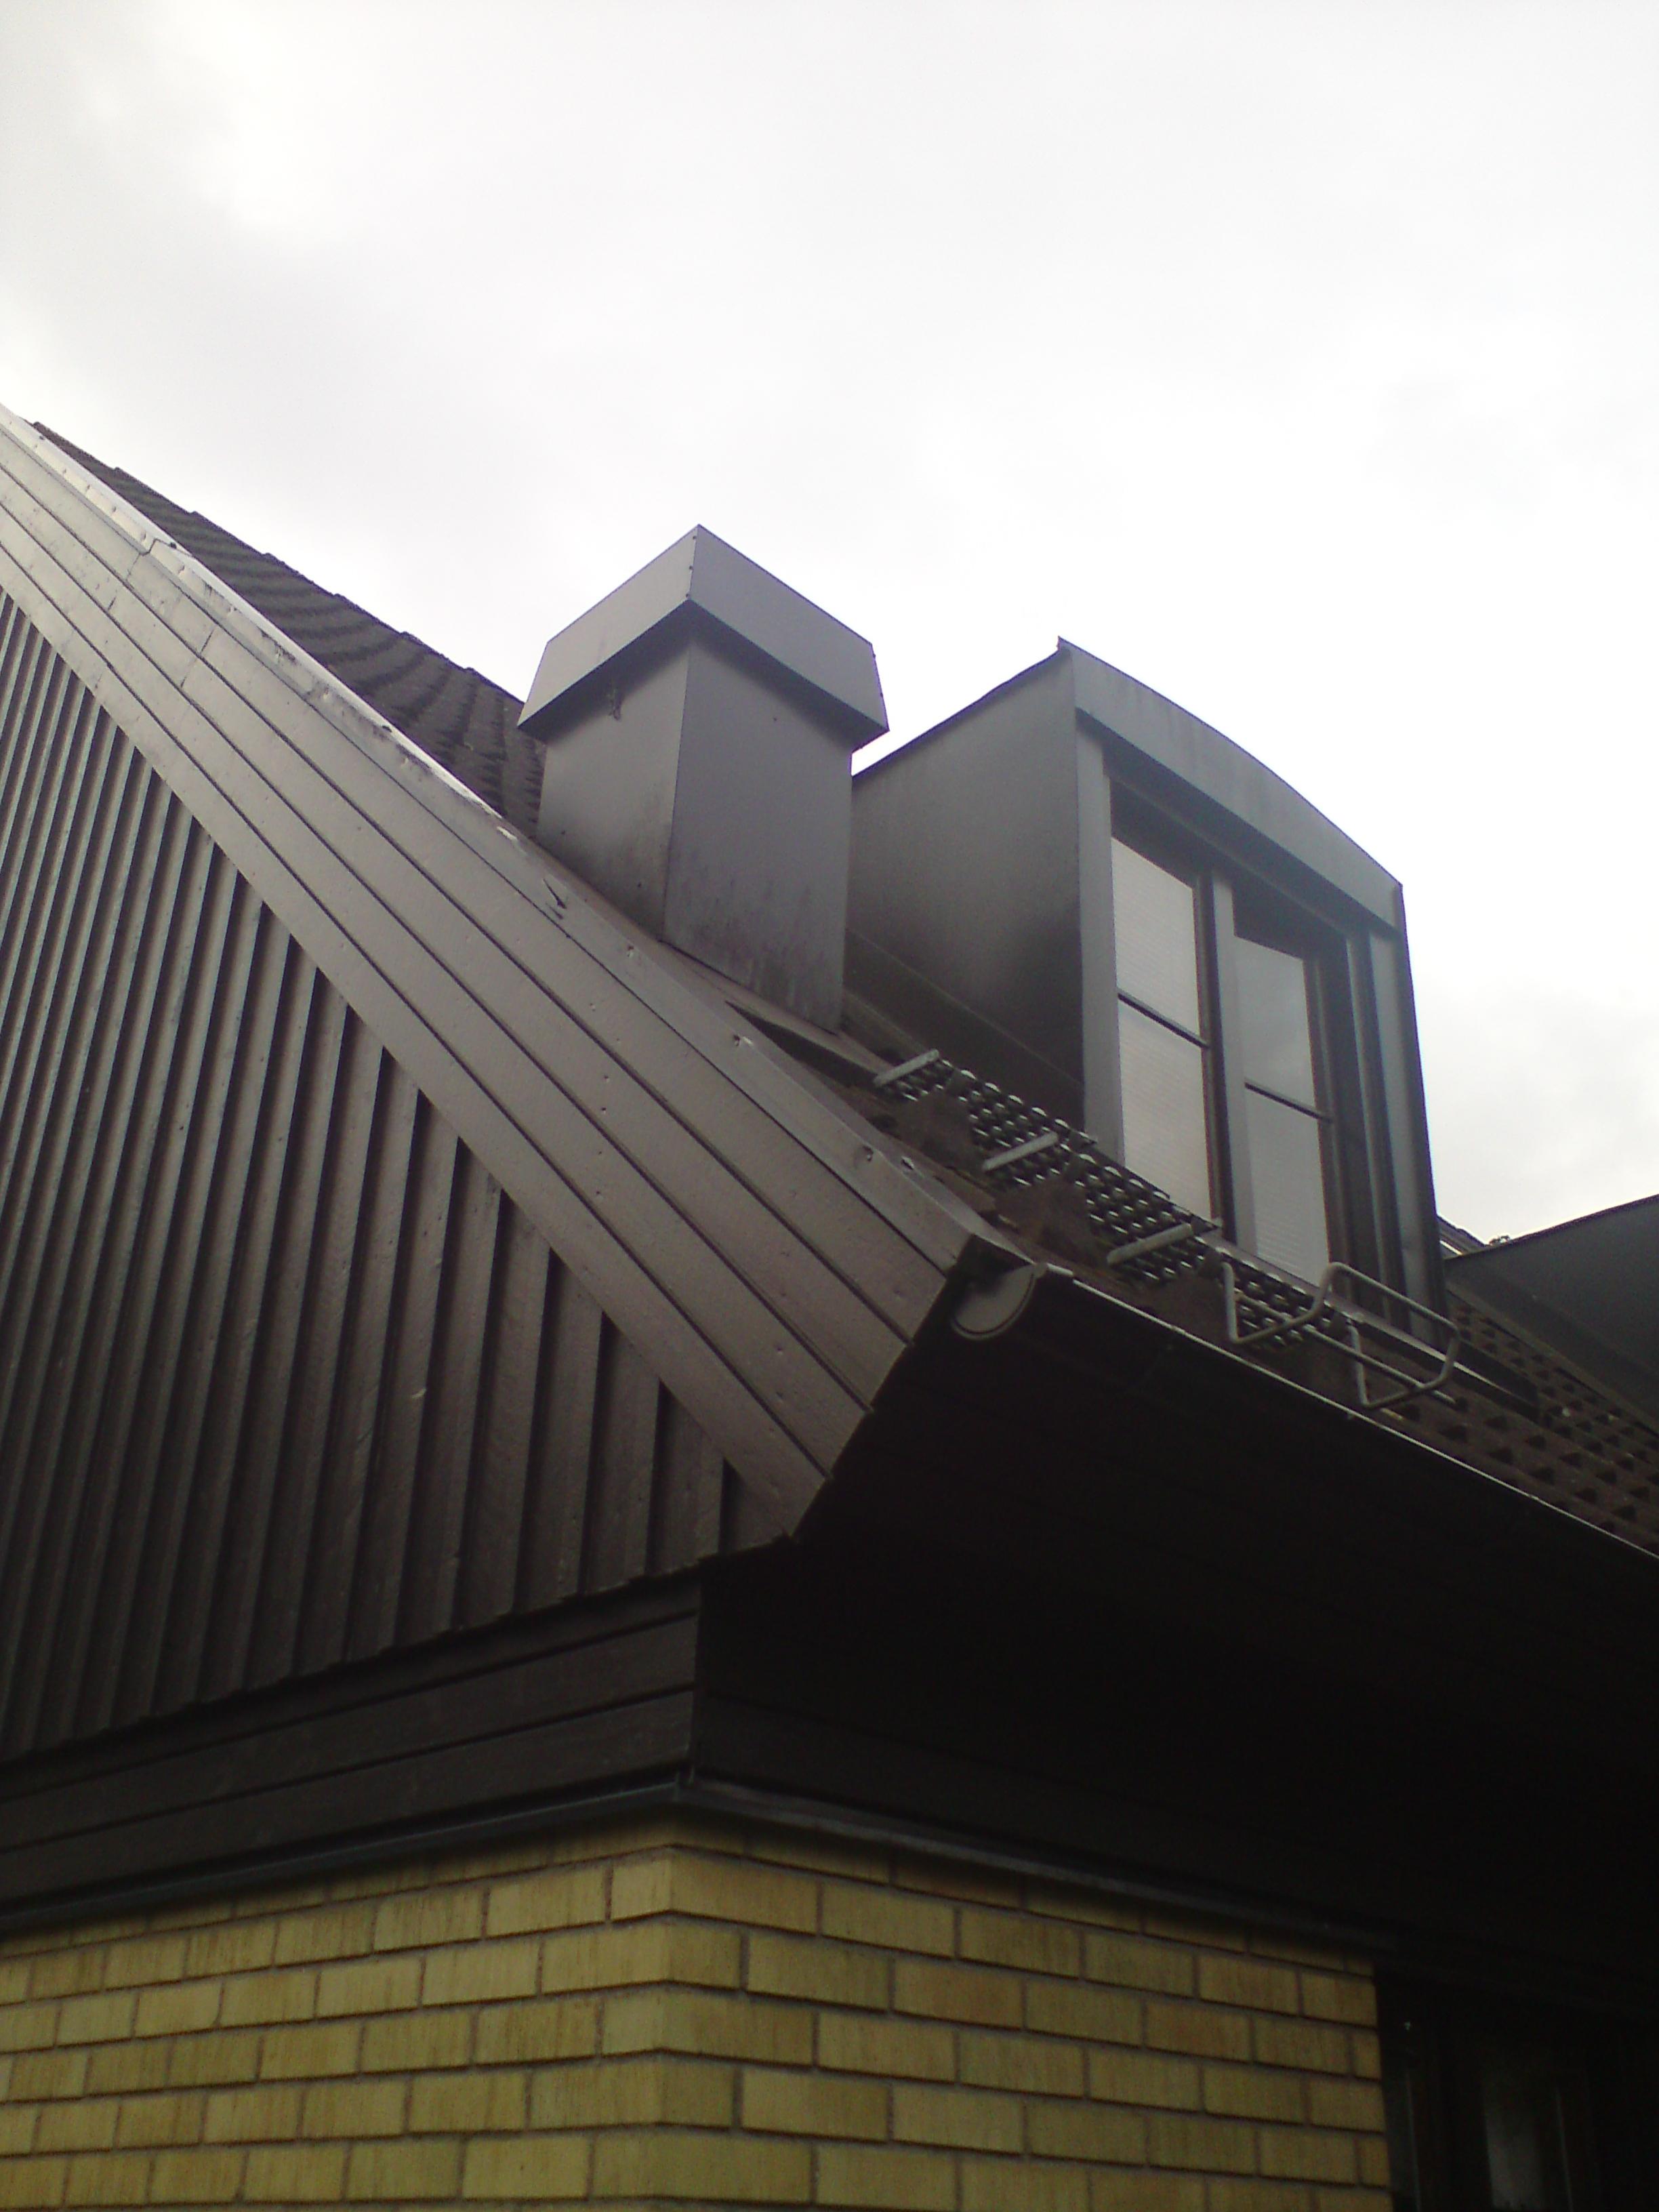 Villa med takfläkt.